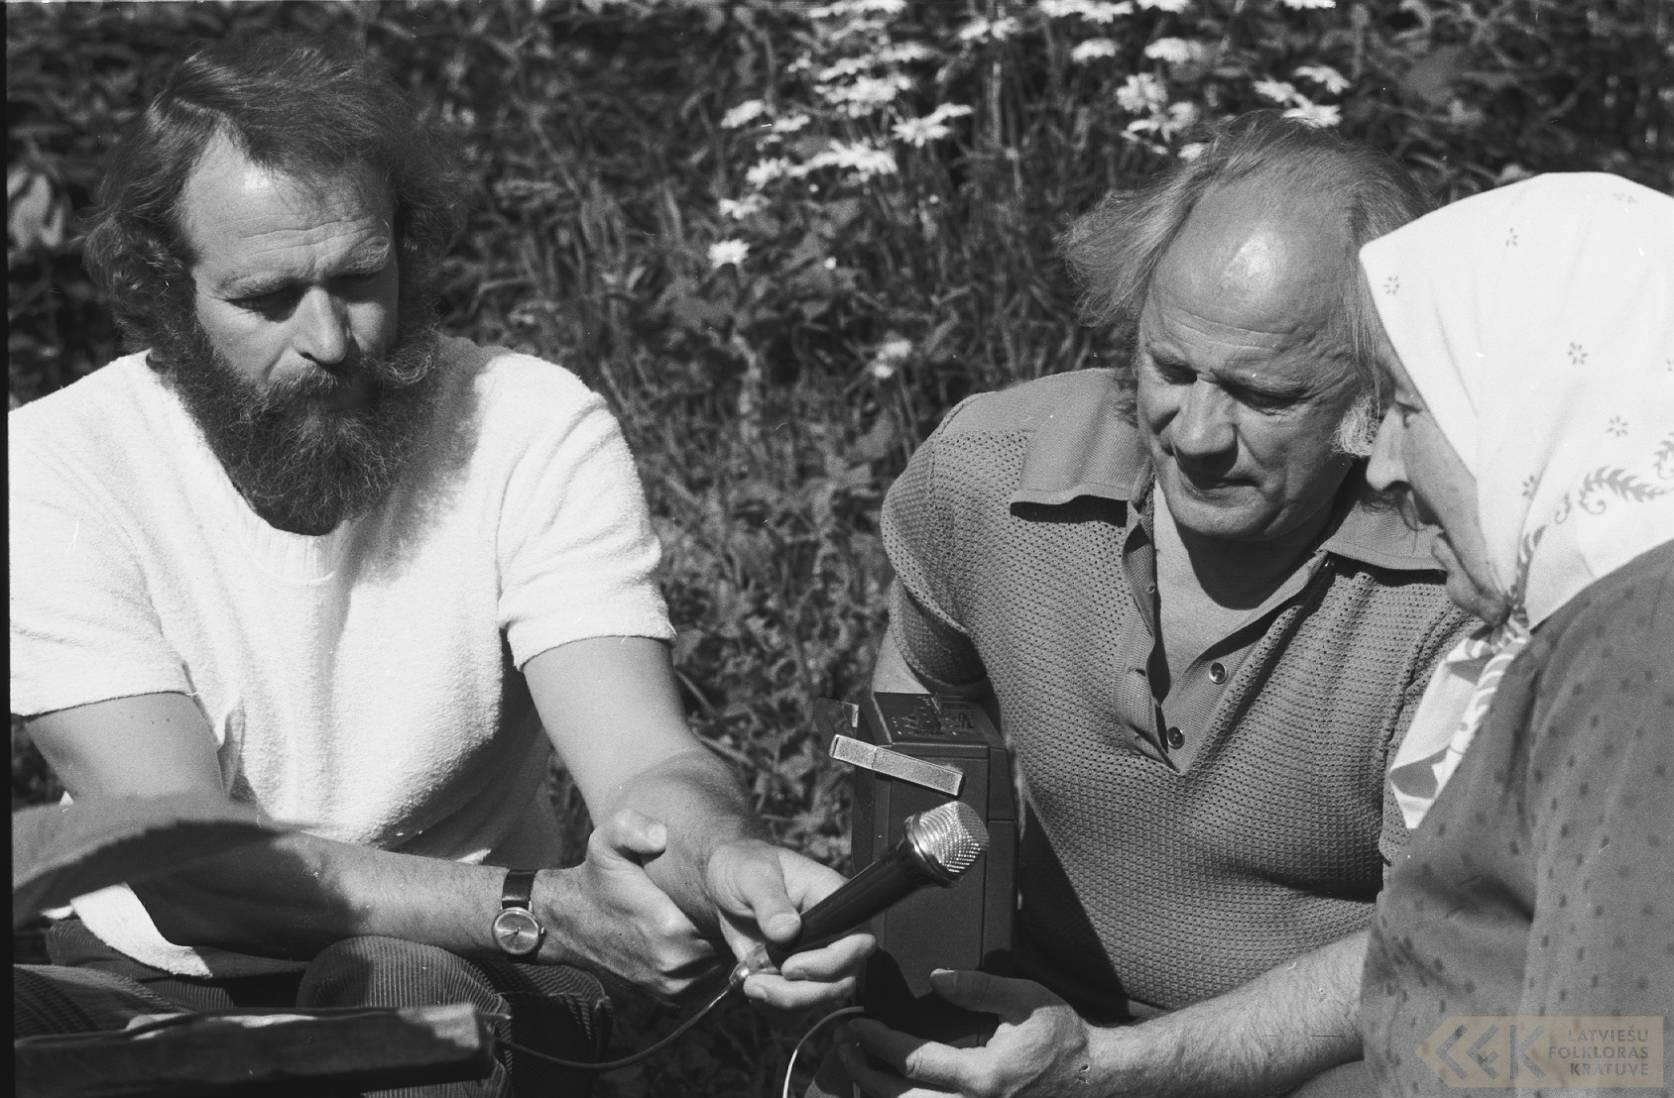 Režisors Zigurds Vidiņš, folklorists Jānis Rozenbergs un teicēja Olga Pommere